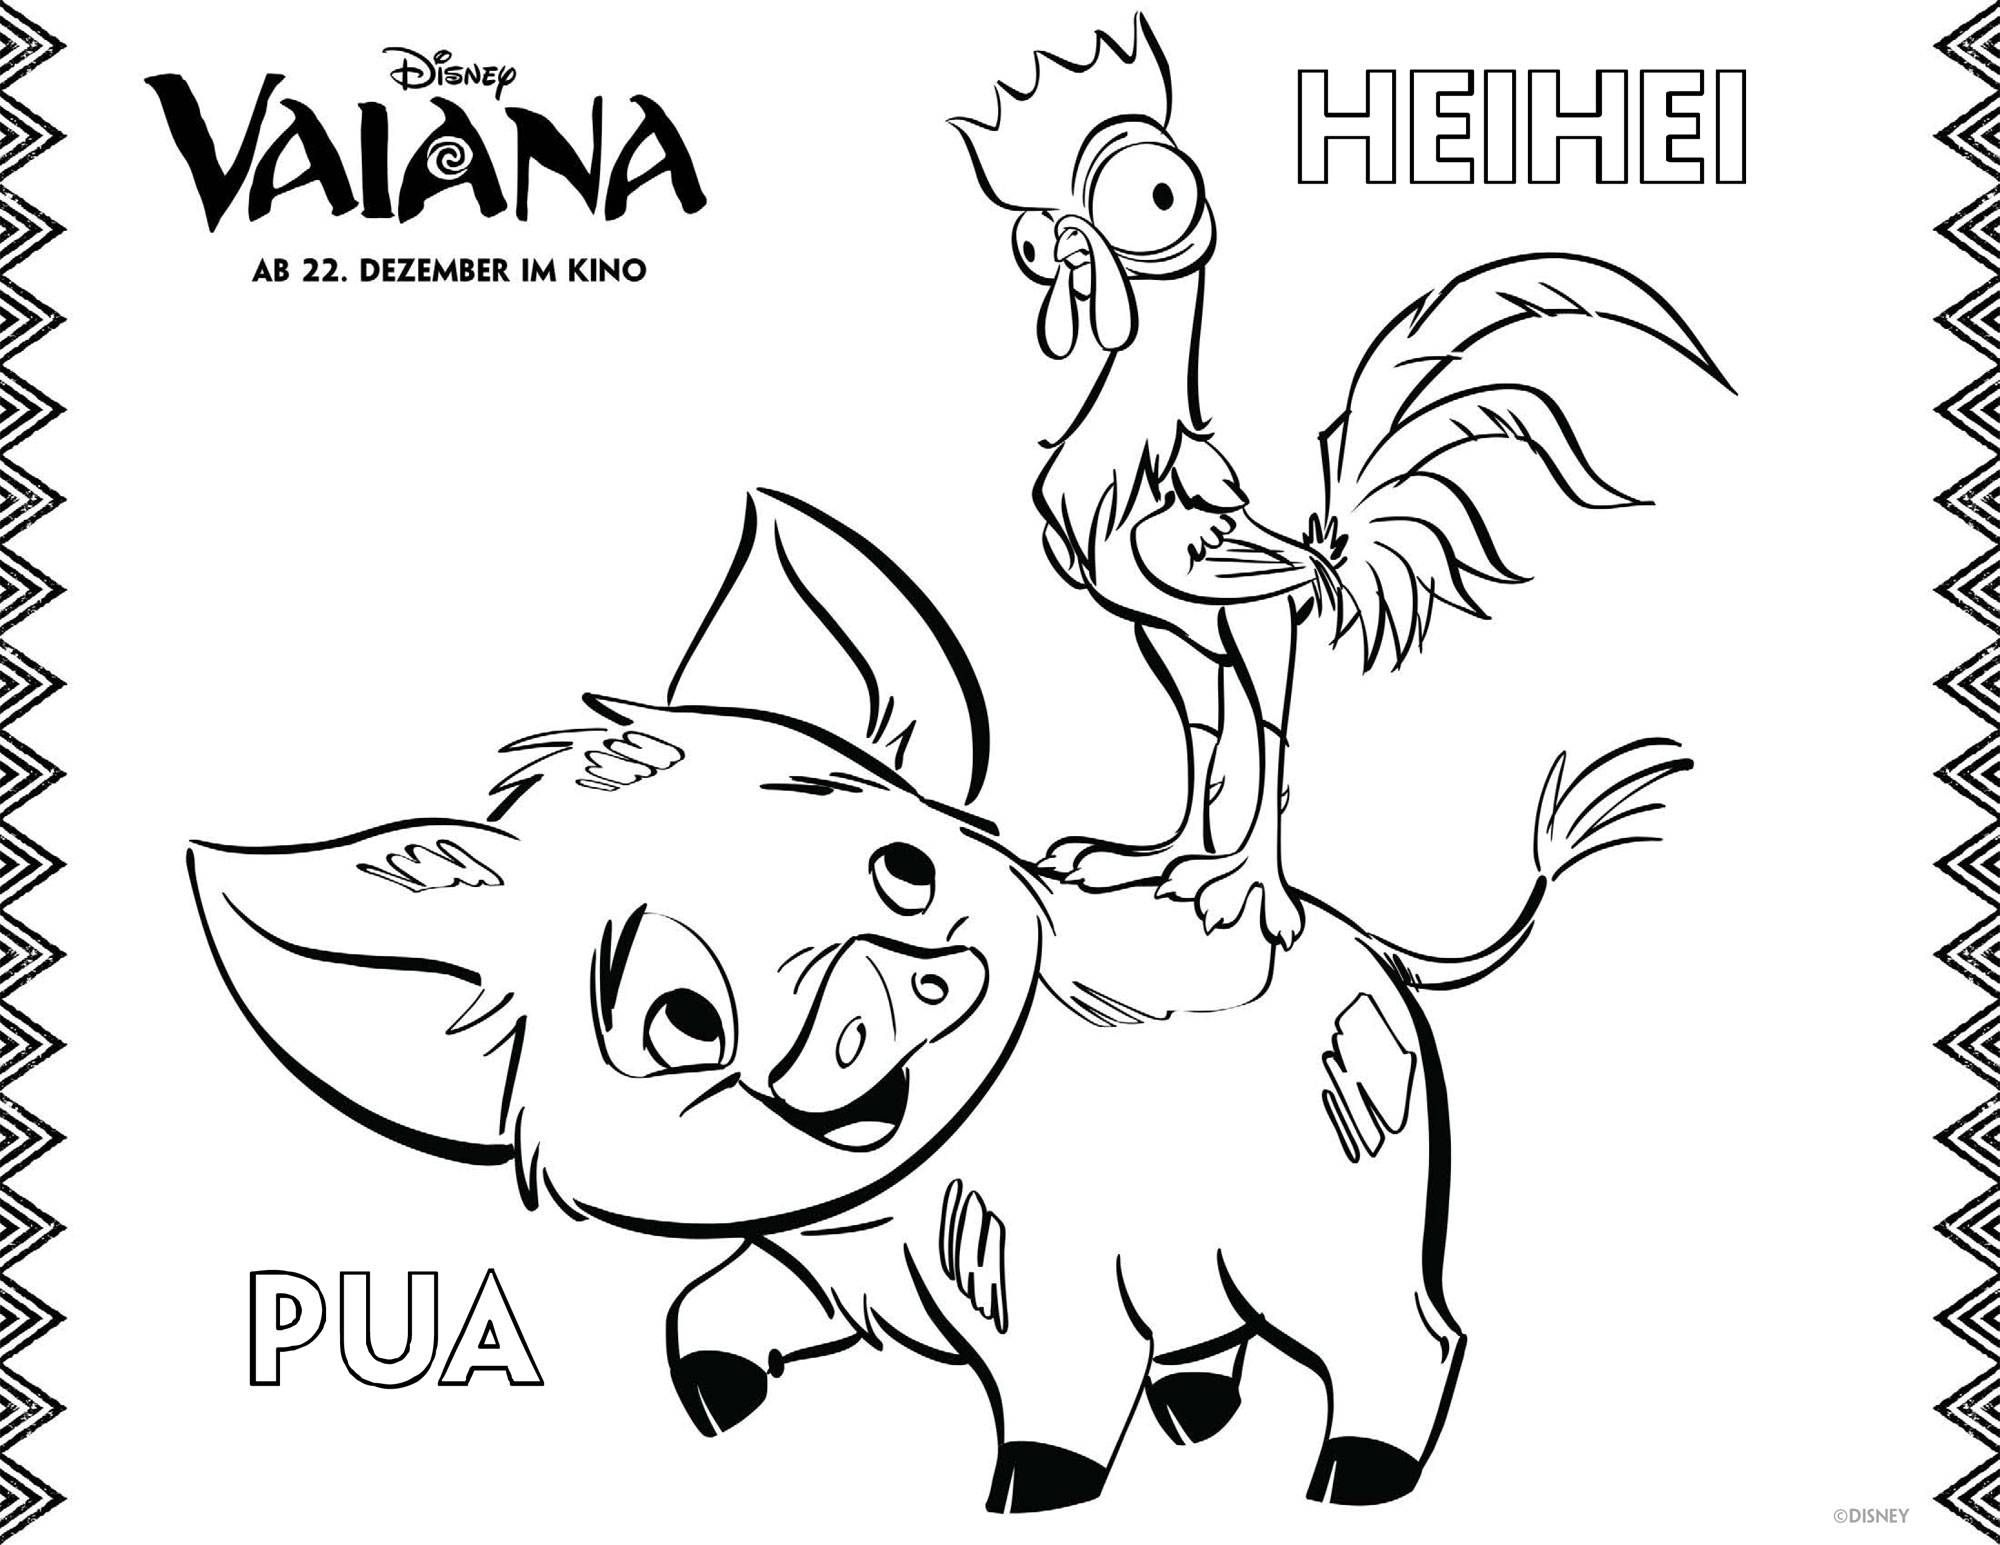 Ausmalbilder Disney Baby : Ausmalbilder Vaiana Pua Und Heihei Ausmalbilder Pinterest Kids